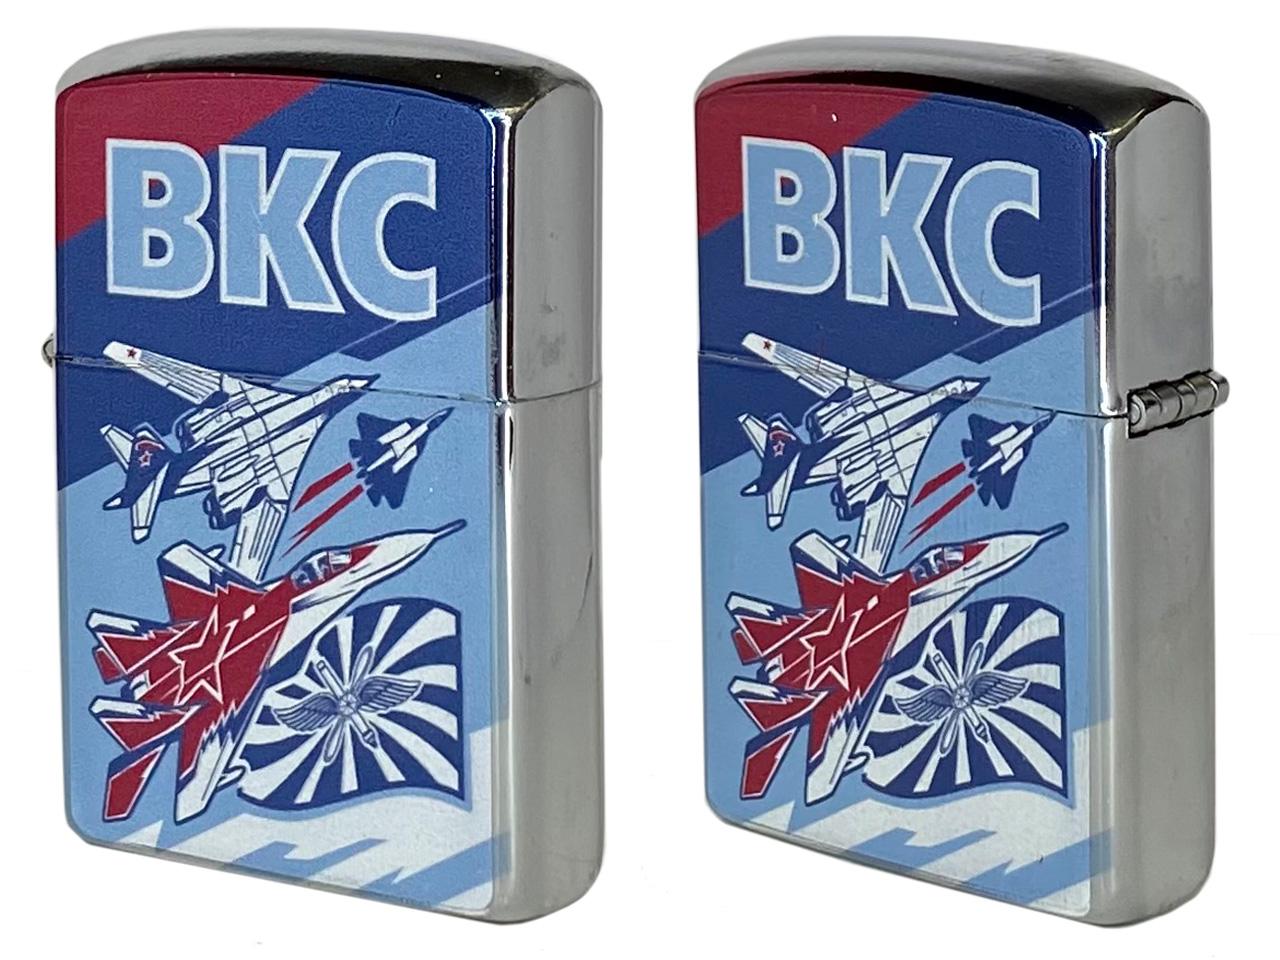 Подарочная зажигалка с символикой ВКС купить по доступной цене